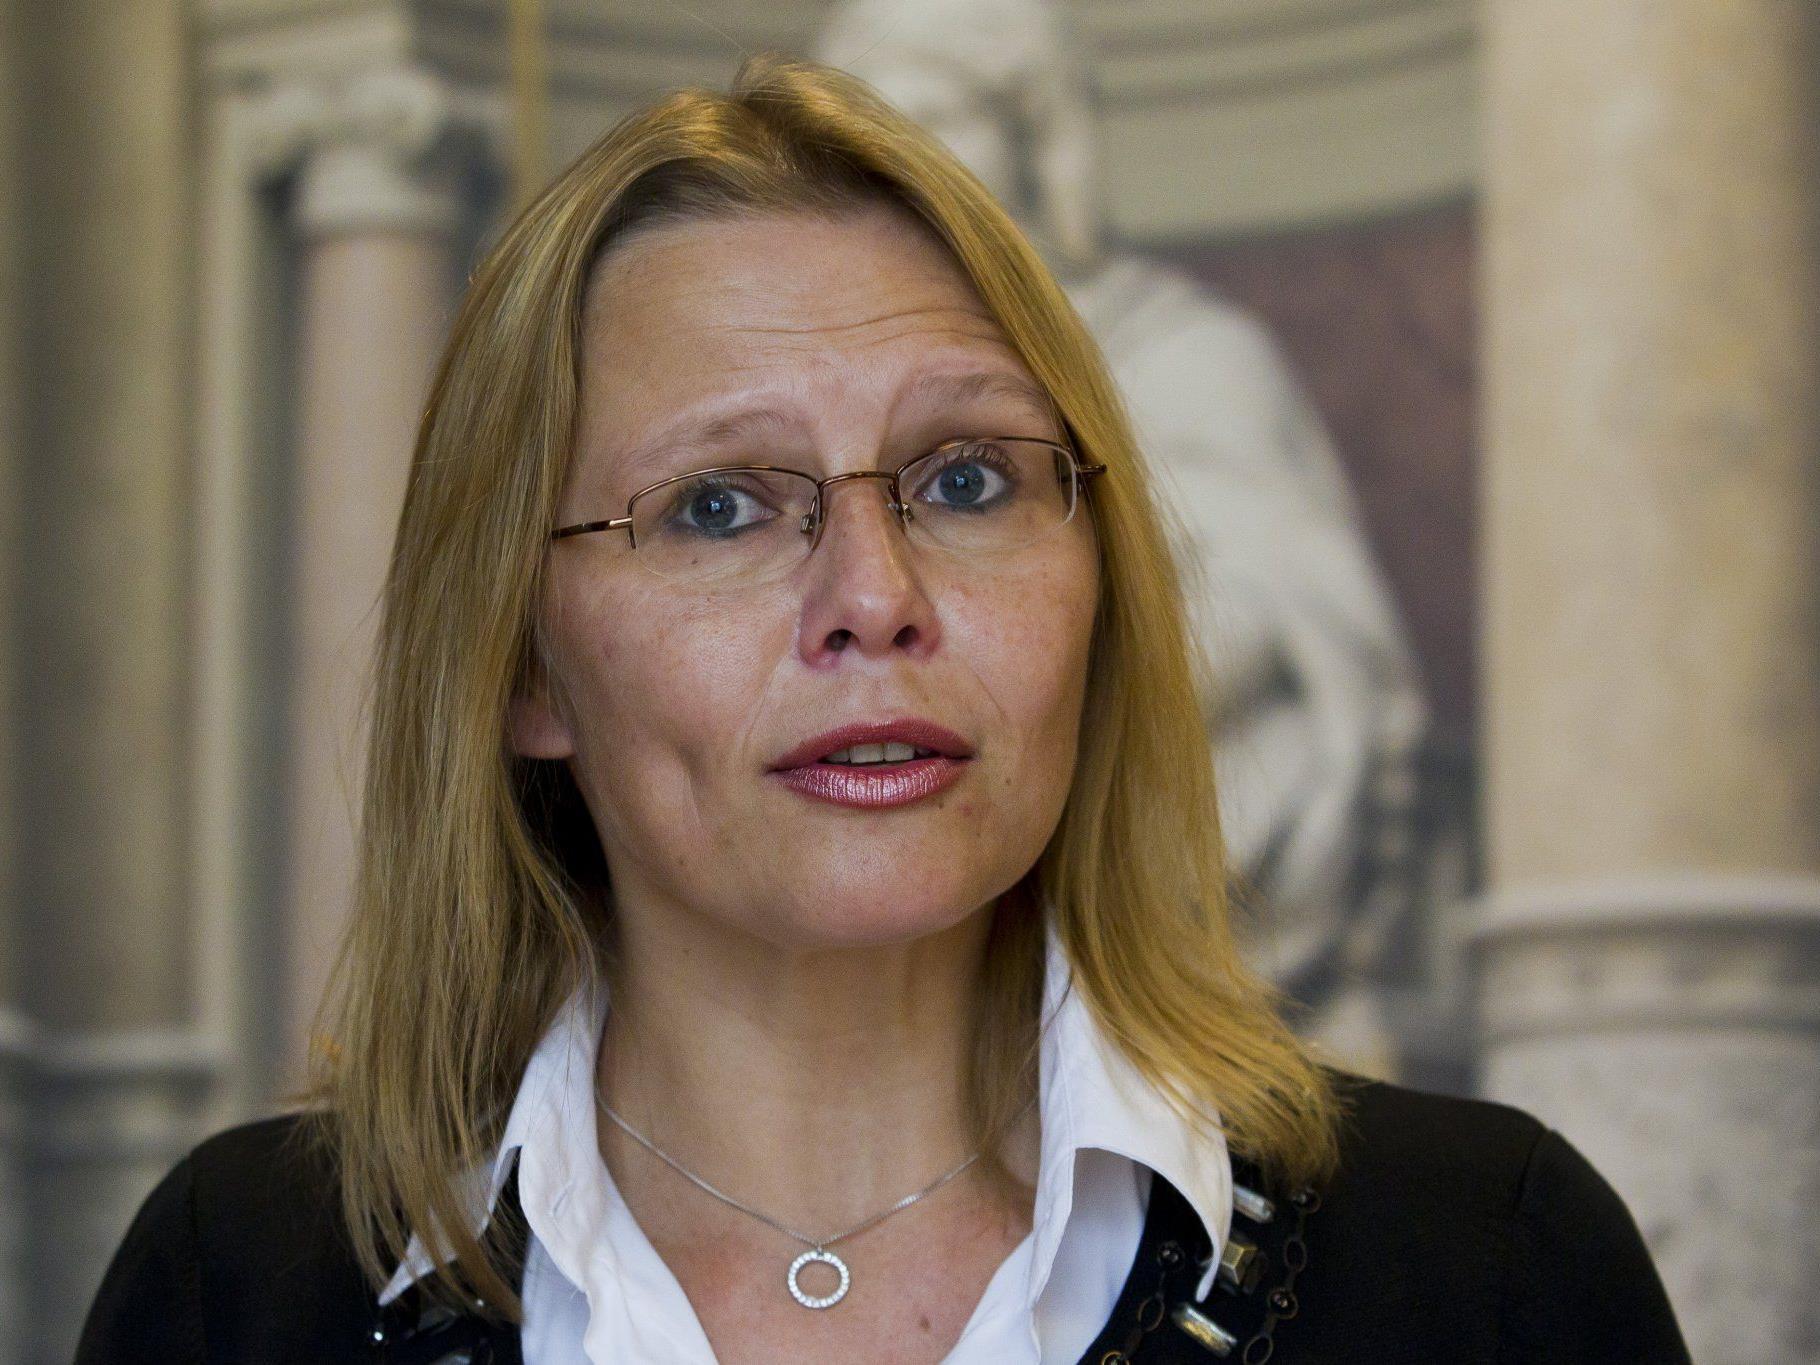 """Justizministerin Karl: """"Die Ansprüche der Geschädigten können erst befriedigt werden, wenn die Urteile am Tisch liegen."""""""